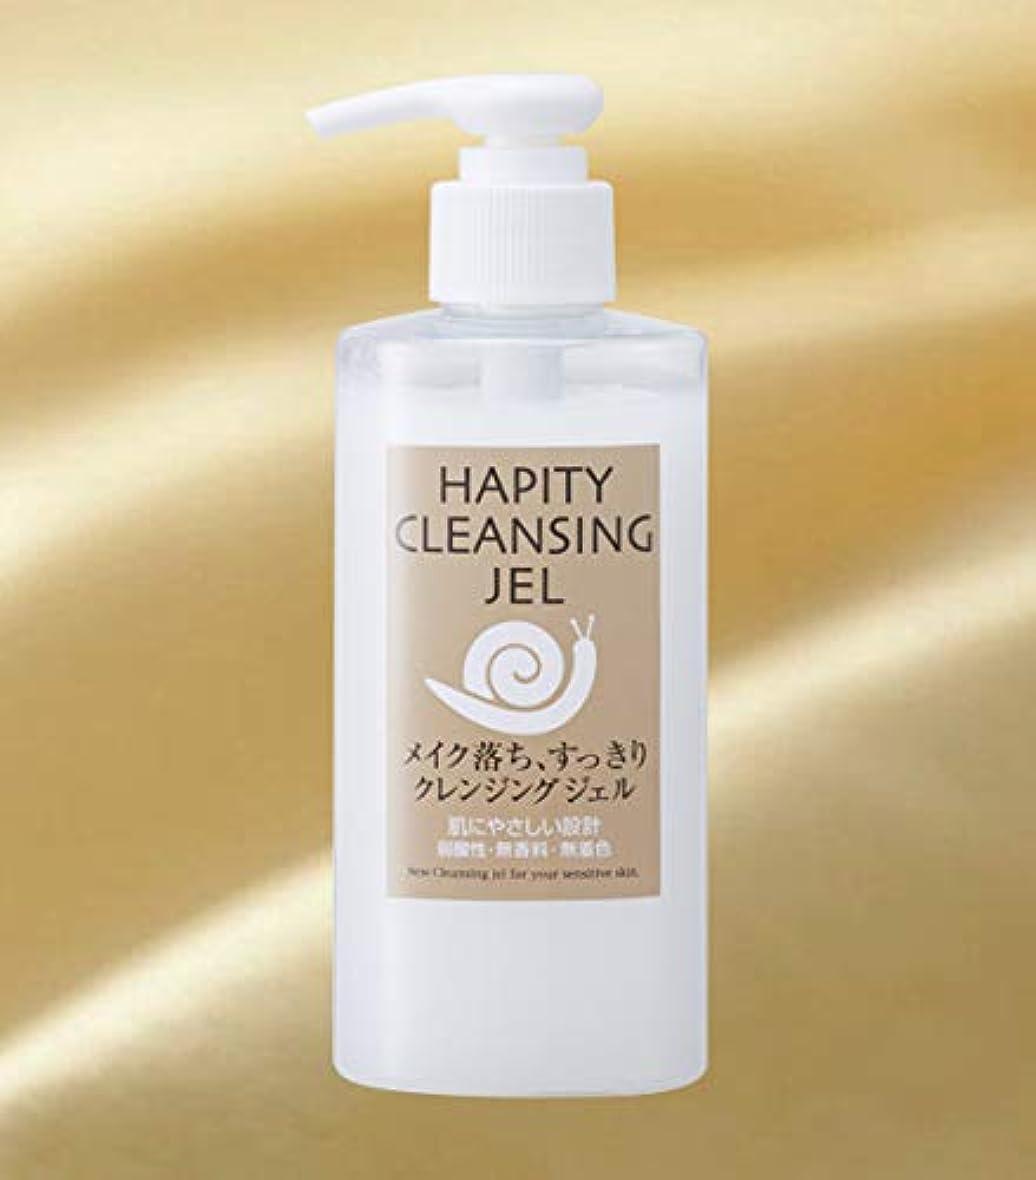 目的ママコミュニティハピティ クレンジングジェル (200g) Hapity Cleansing Jel